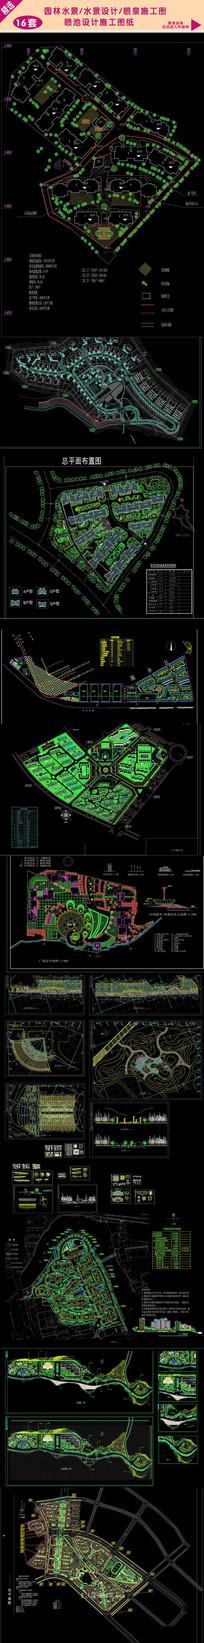 房地产建筑平面图纸